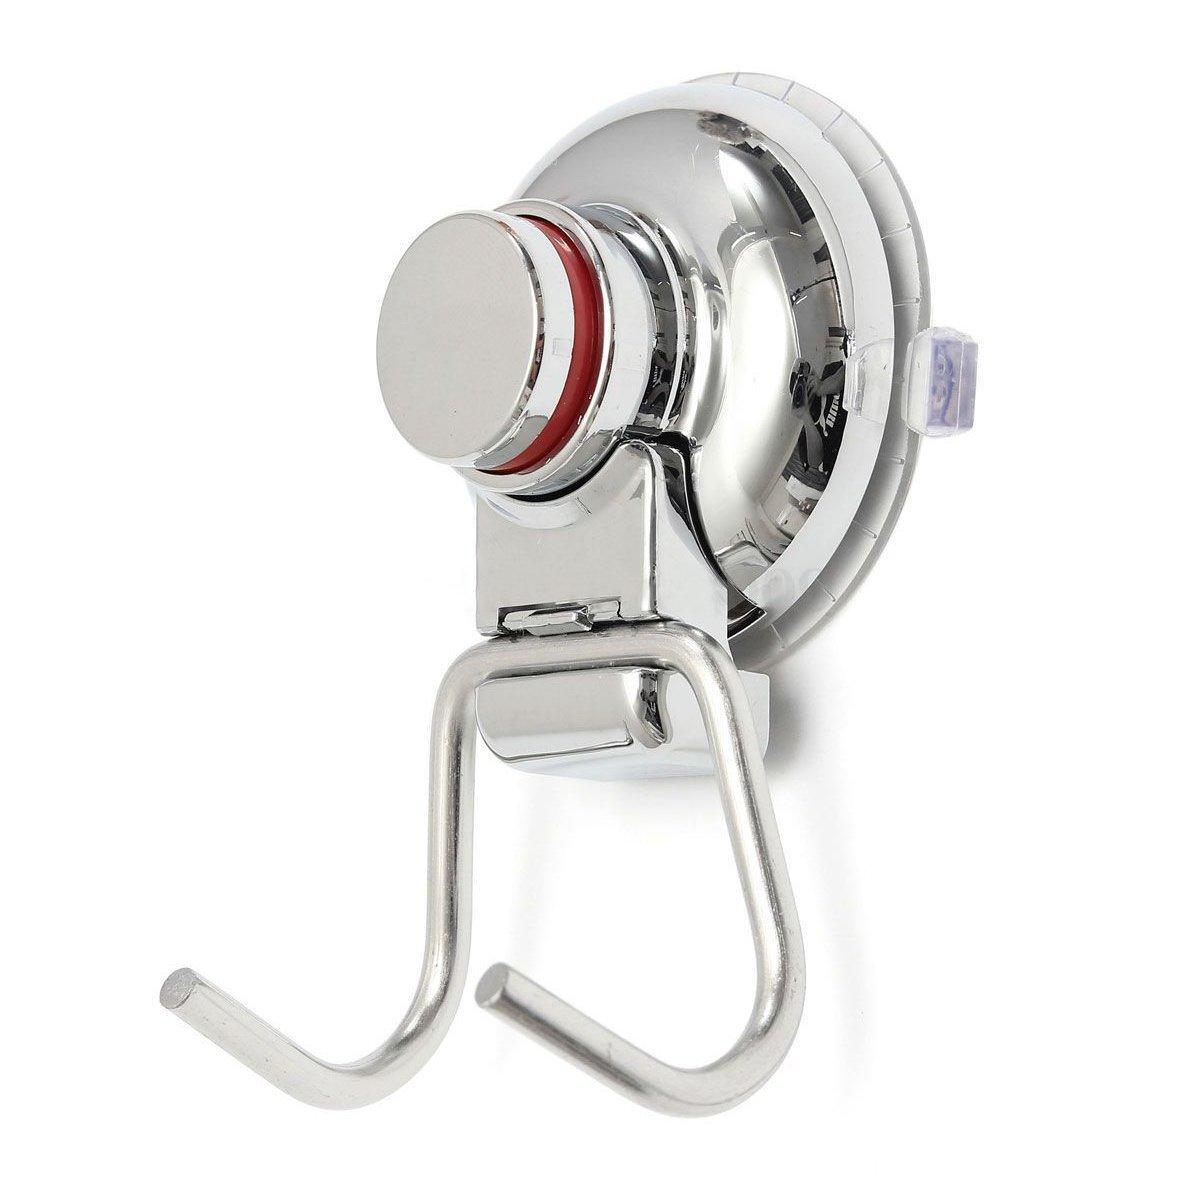 Percha de ventosa - SODIAL(R)doble gancho de fuerte vacio de color plata de acero inoxidable de bano y cocina TOOGOO